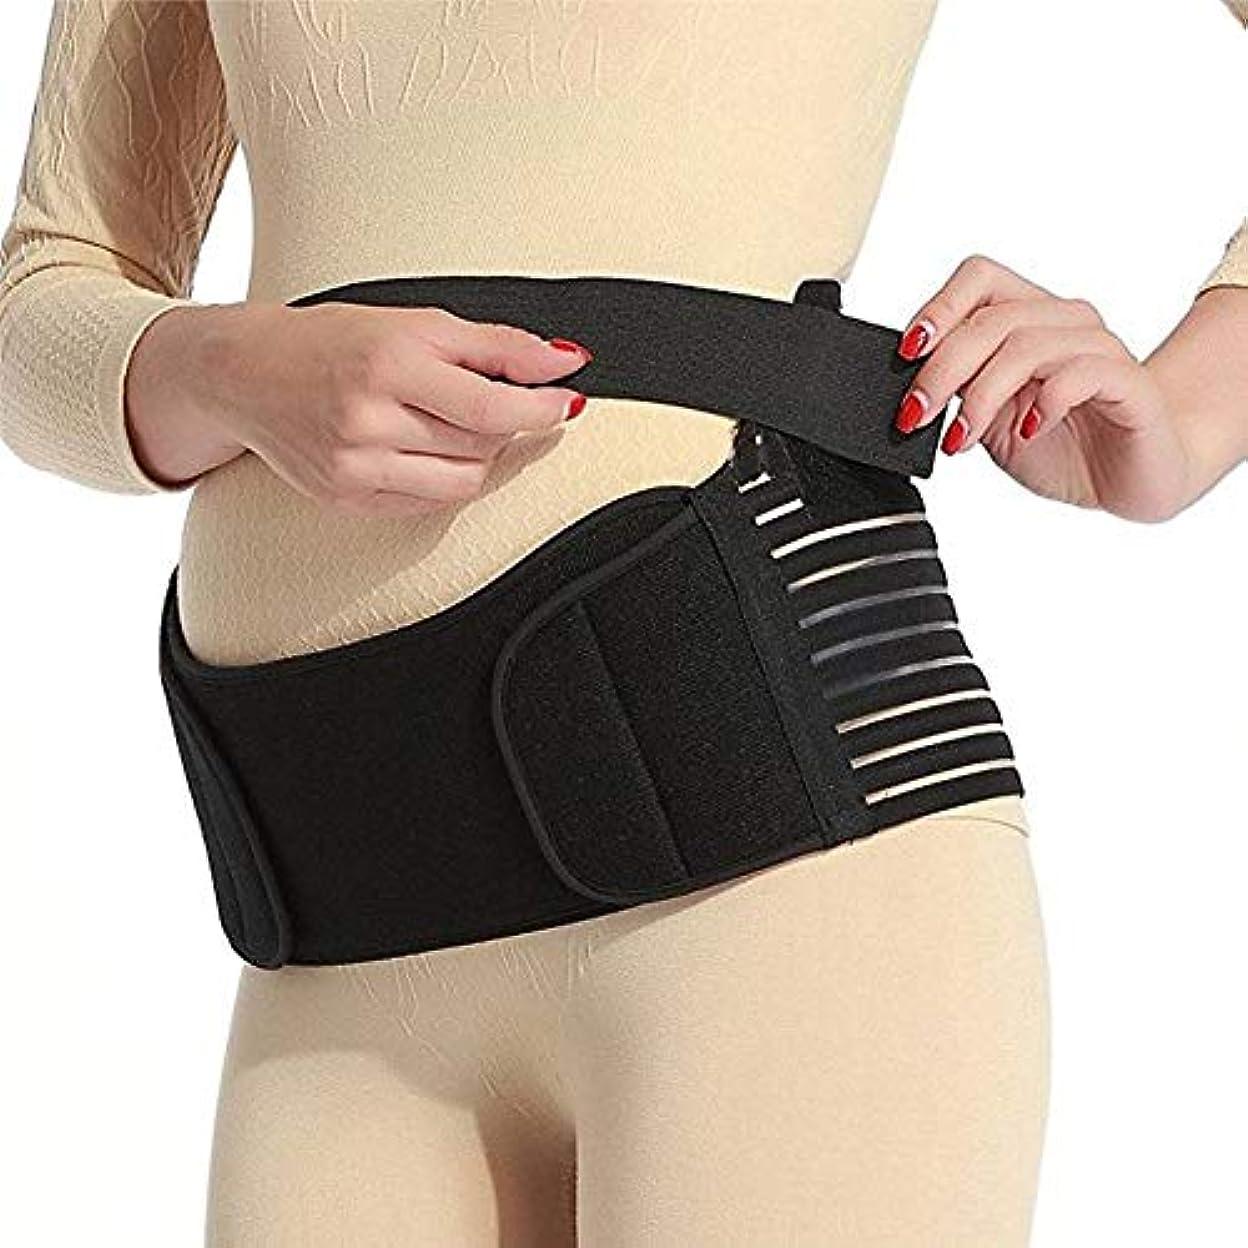 接ぎ木保有者超える通気性マタニティベルト妊娠中の腹部サポート腹部バインダーガードル運動包帯産後の回復shapewear - ブラックM